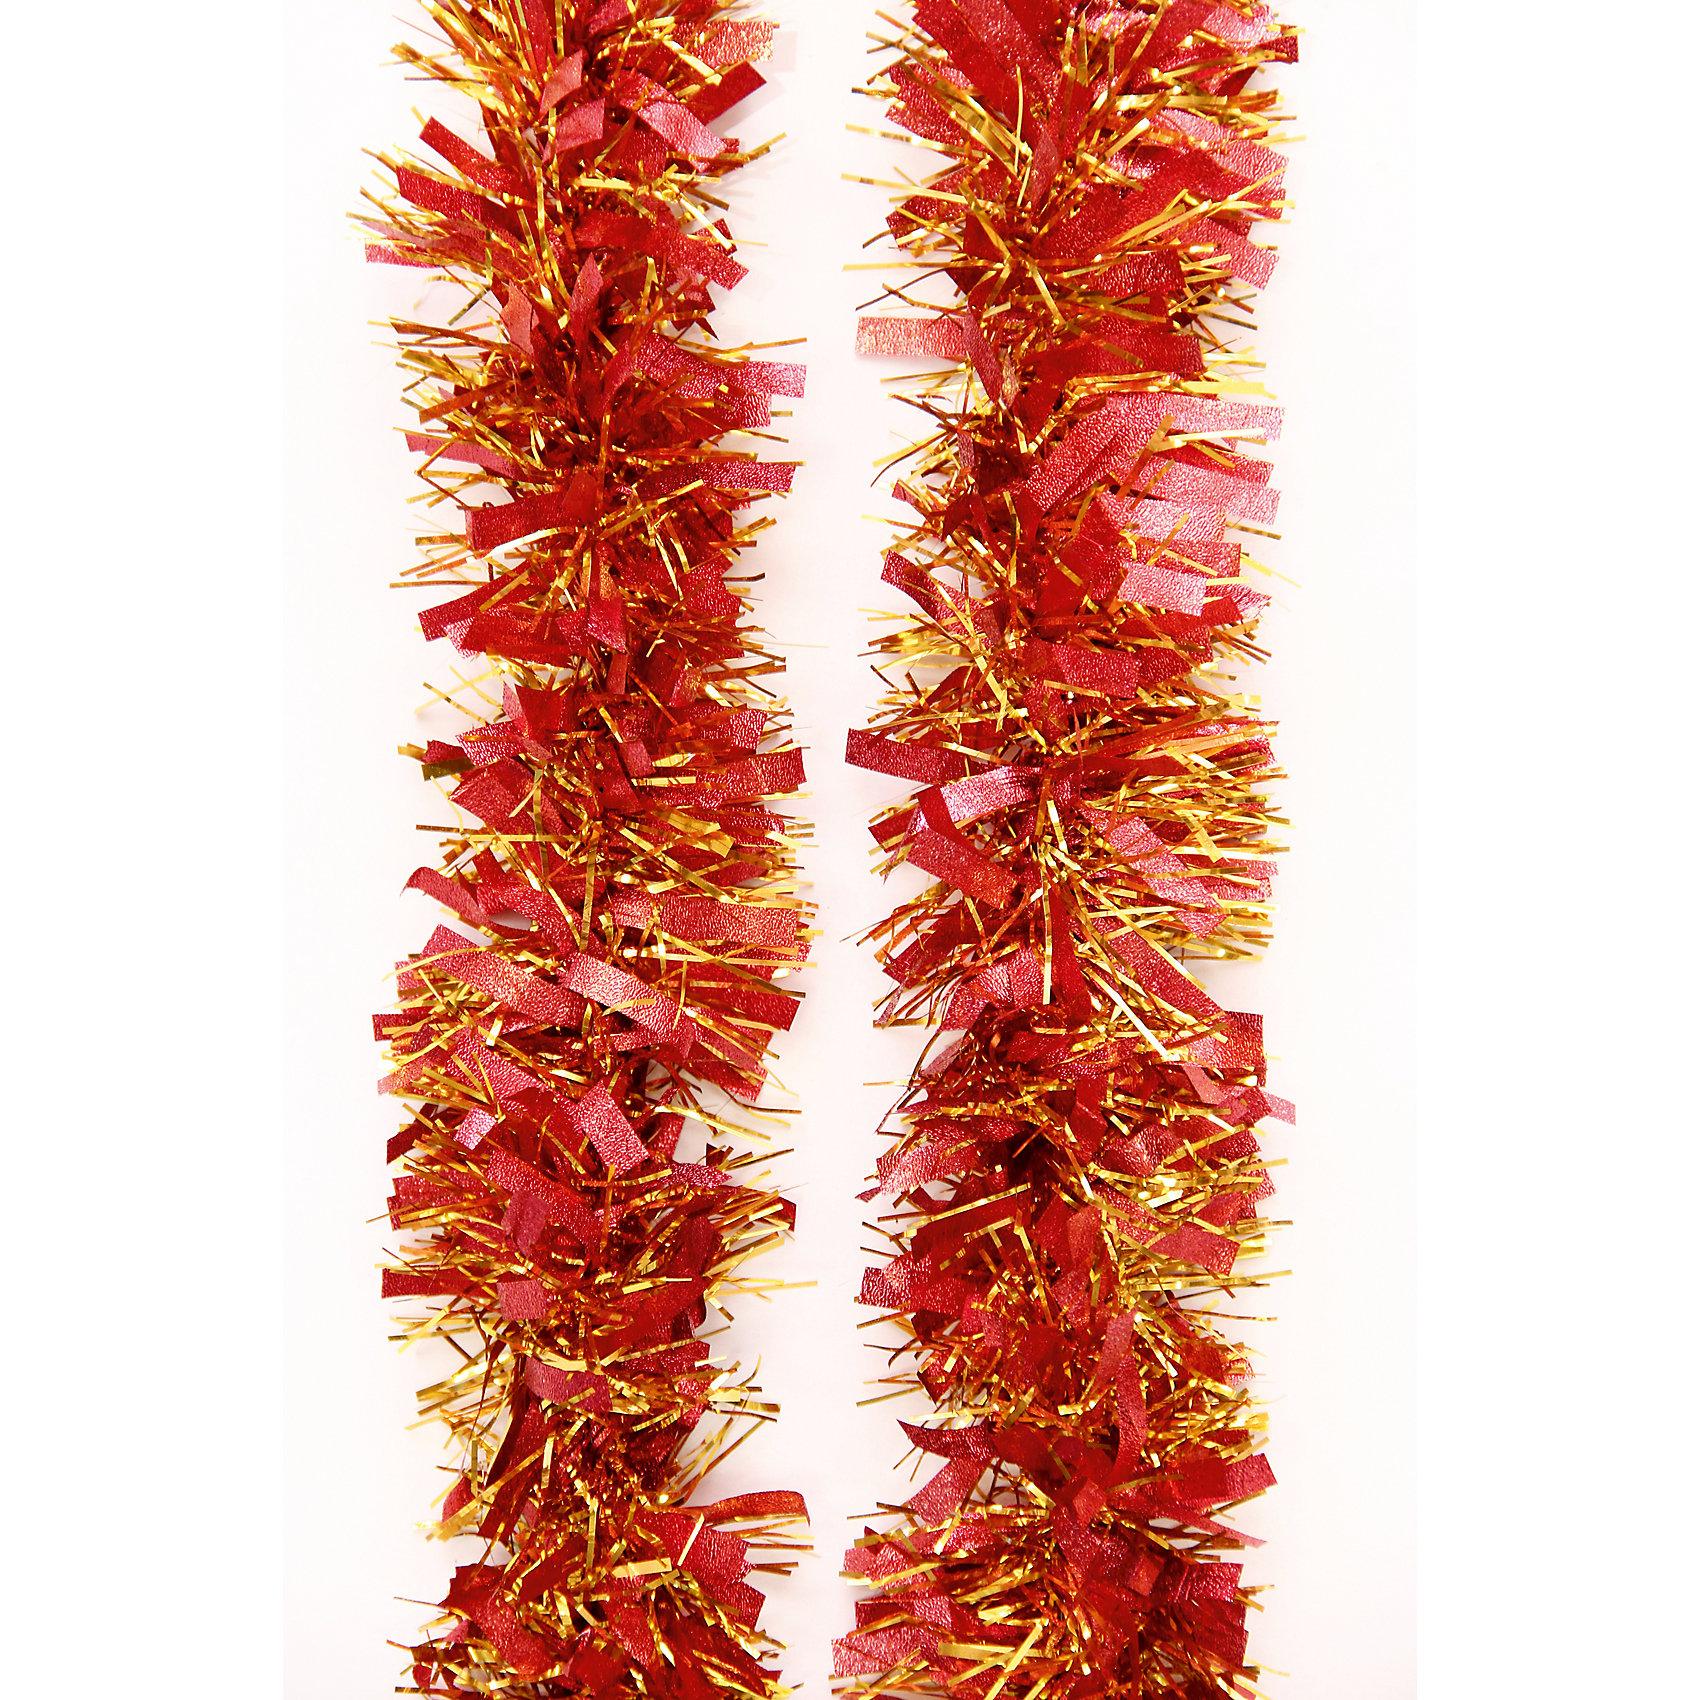 Мишура Оранжевый микс 9*200 смВсё для праздника<br>Мишура в оранжевым цвете отлично подойдет для украшения вашего дома. Её яркий цвет создаст особую атмосферу нового года.  Она не будет сыпаться, поэтому останется яркой и блестящей и будет радовать вас ещё не один год. <br><br>Характеристика:<br>-Размер: 9 м 200 см<br>-Цвет: оранжевый микс<br>-Арт.: 34873<br><br>Мишуру Оранжевый микс можно приобрести в нашем интернет-магазине.<br><br>Ширина мм: 100<br>Глубина мм: 100<br>Высота мм: 60<br>Вес г: 24<br>Возраст от месяцев: 36<br>Возраст до месяцев: 2147483647<br>Пол: Унисекс<br>Возраст: Детский<br>SKU: 4981436